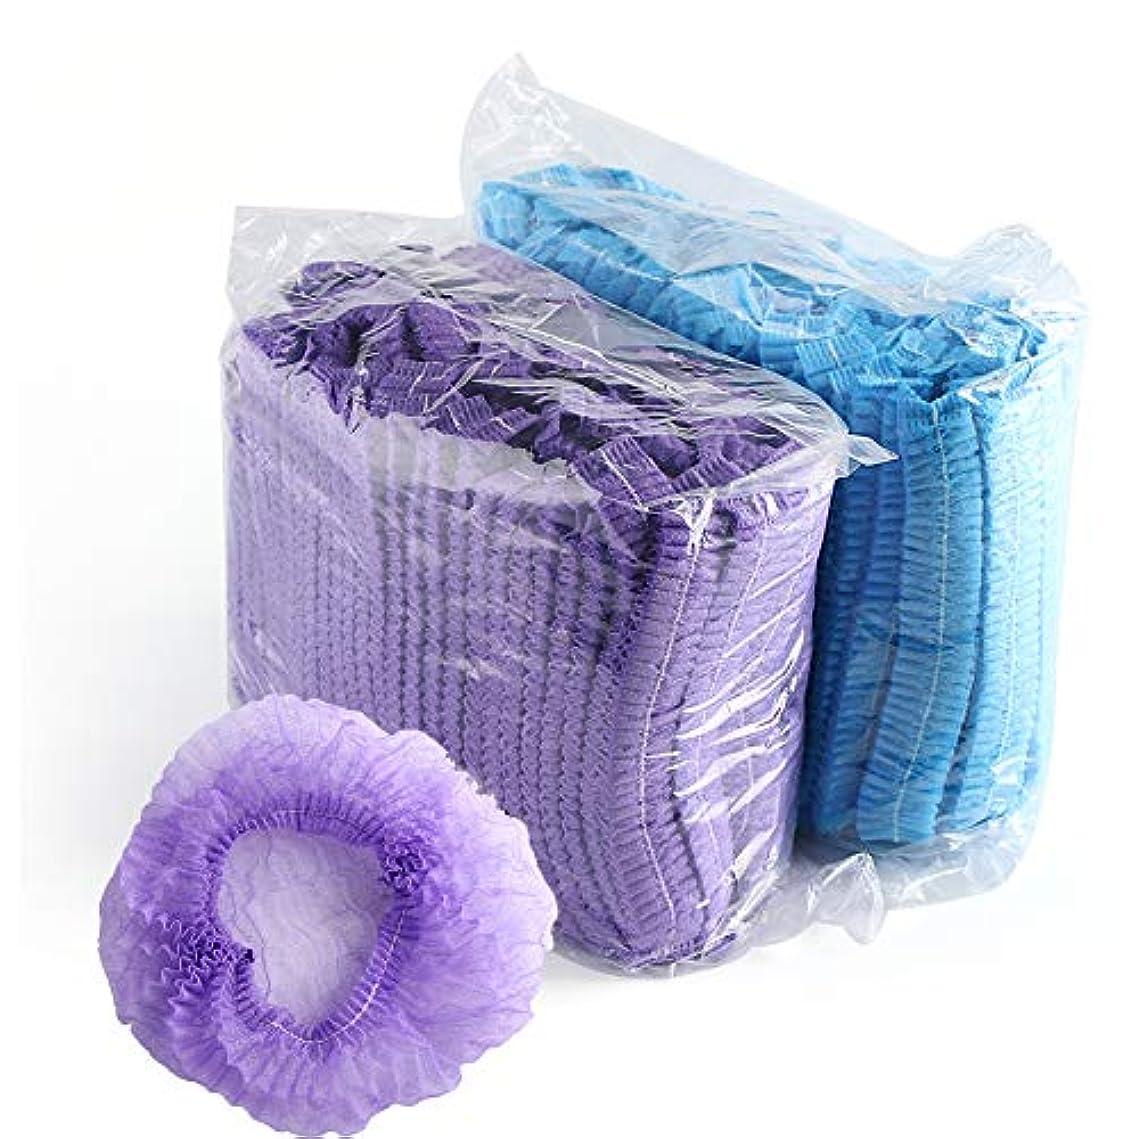 100ピース使い捨てストリップシャワーキャップ不織布シャワーキャップホテルシャワーキャップ染めヘアキャップ防水クリーニング美容サロンタトゥー帽子 (Blue)